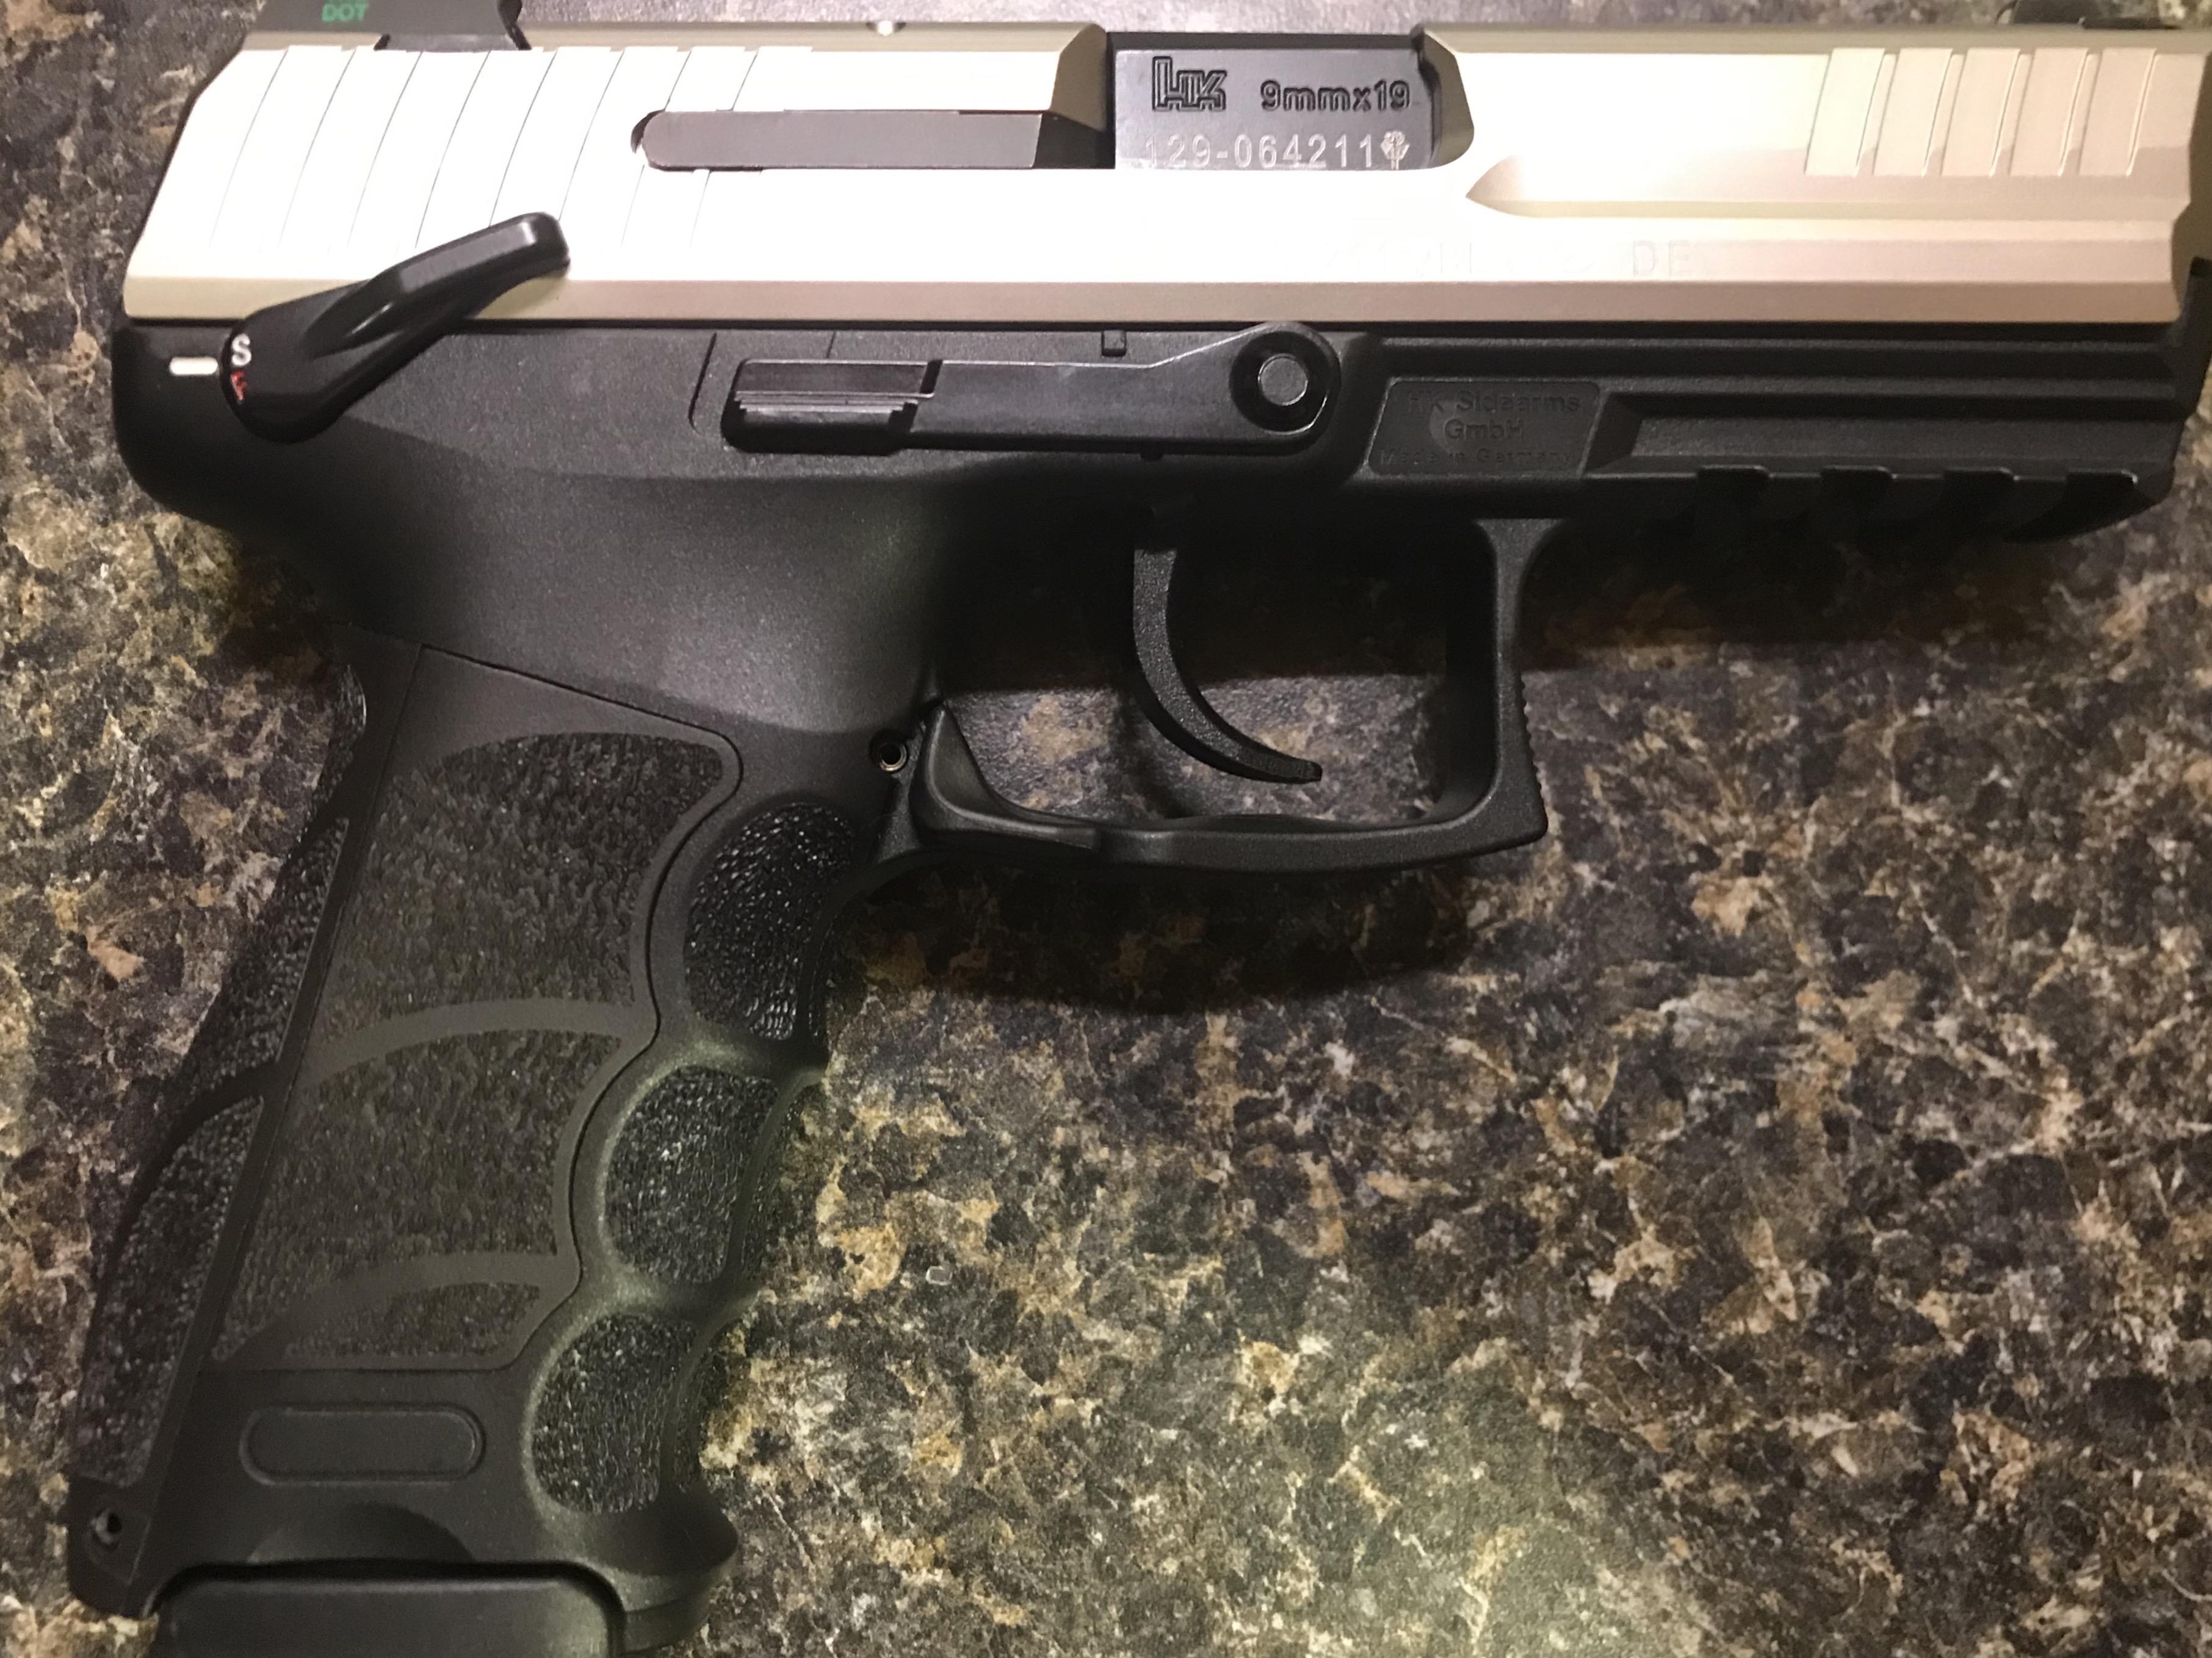 WTS: HK P30S, 9mm, custom finish, rare LEM with manual safety and night sights-f9cd17f6-362a-4a73-bc67-26210a2e81f0.jpeg